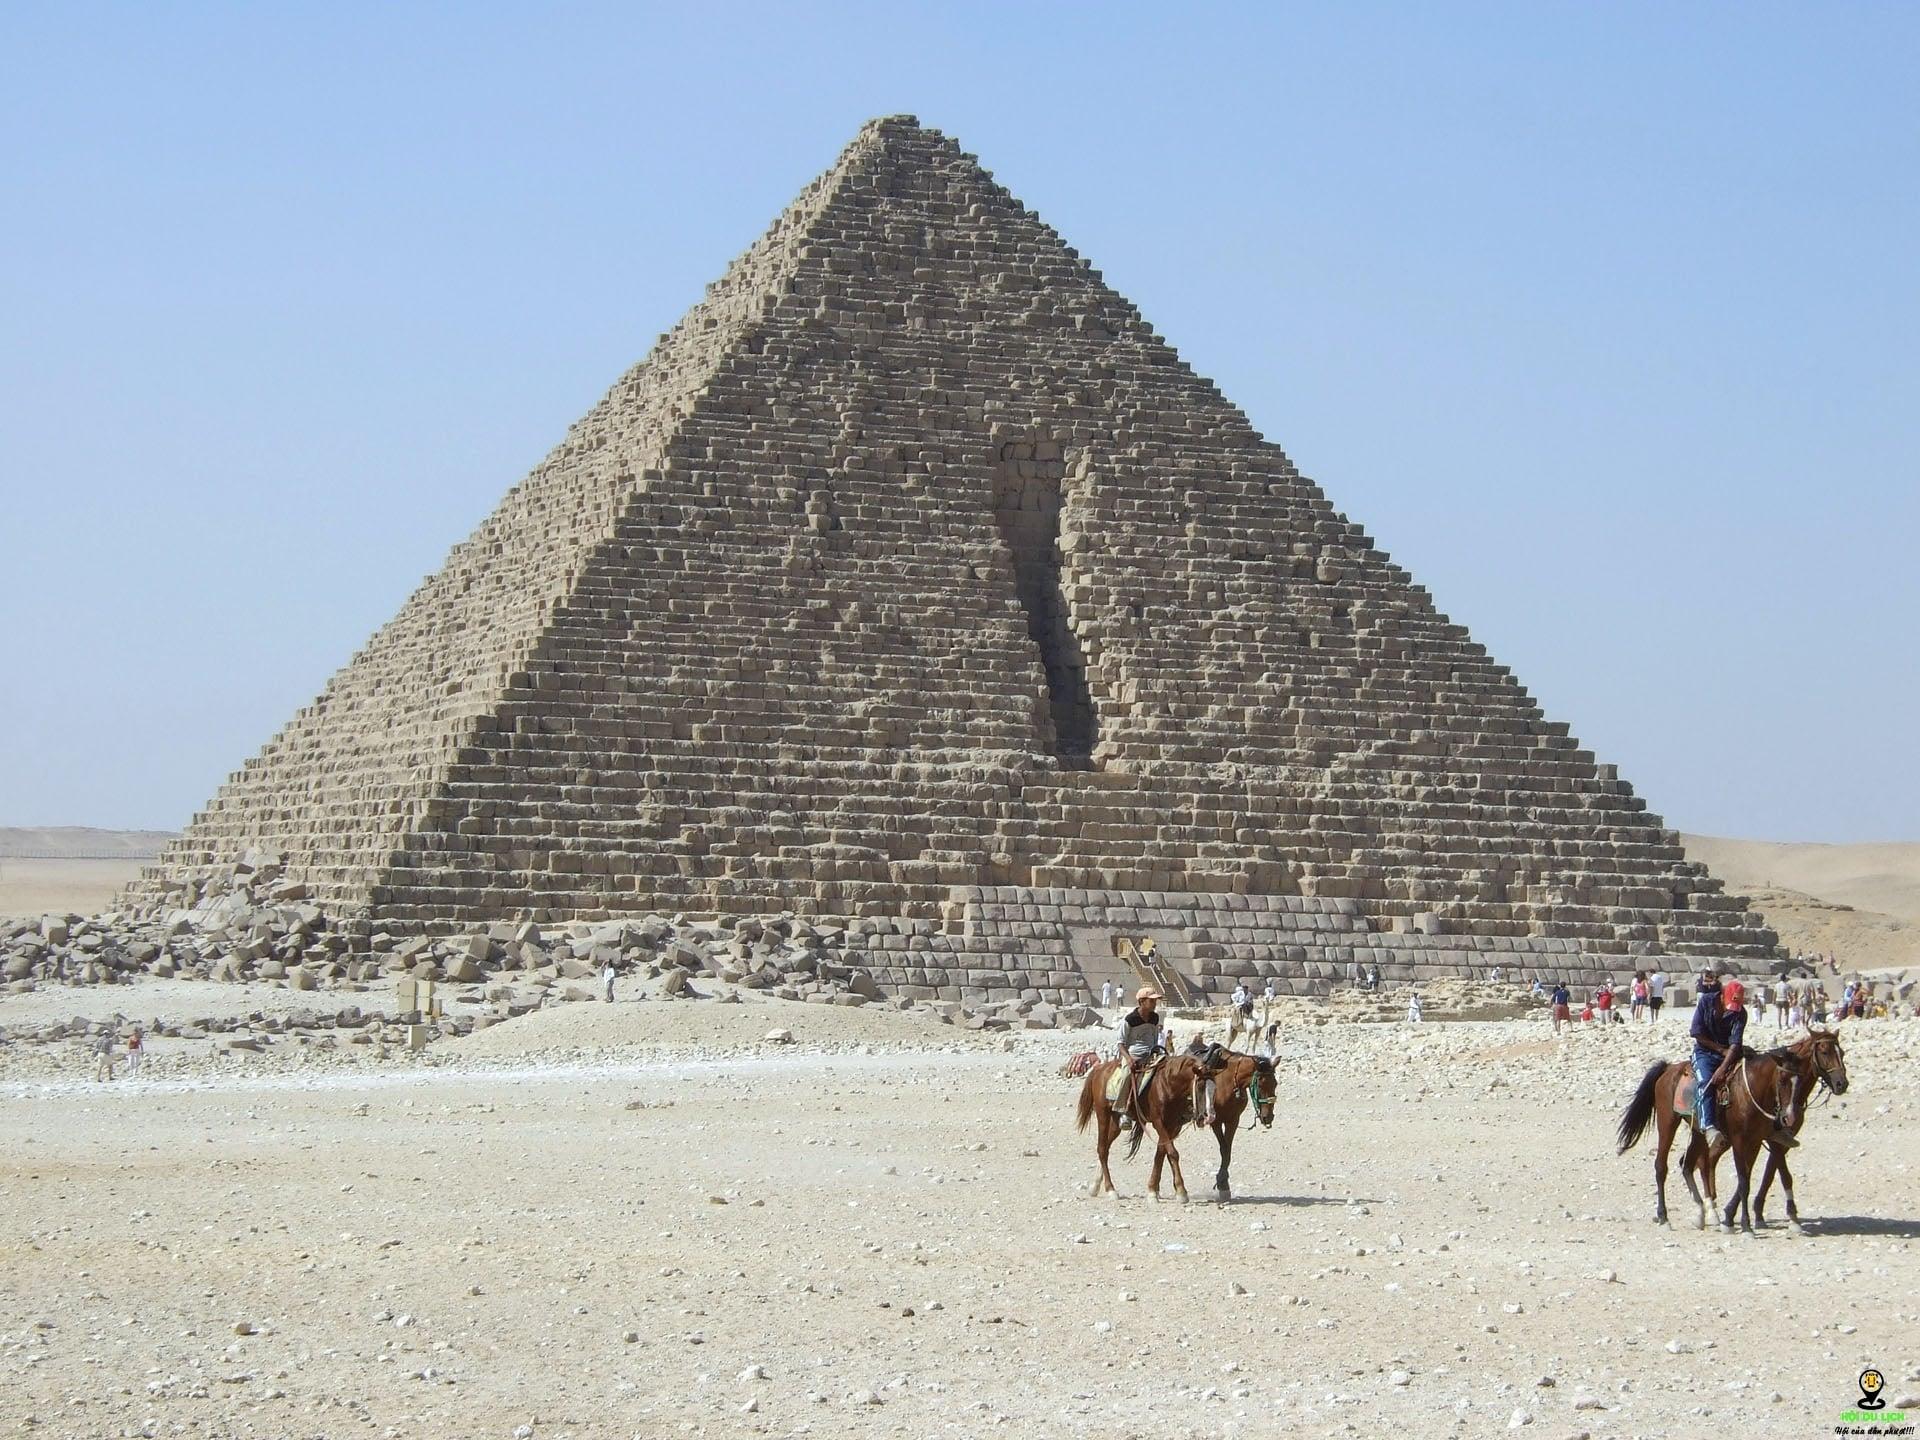 Kết quả hình ảnh cho kim tự tháp Menkaure